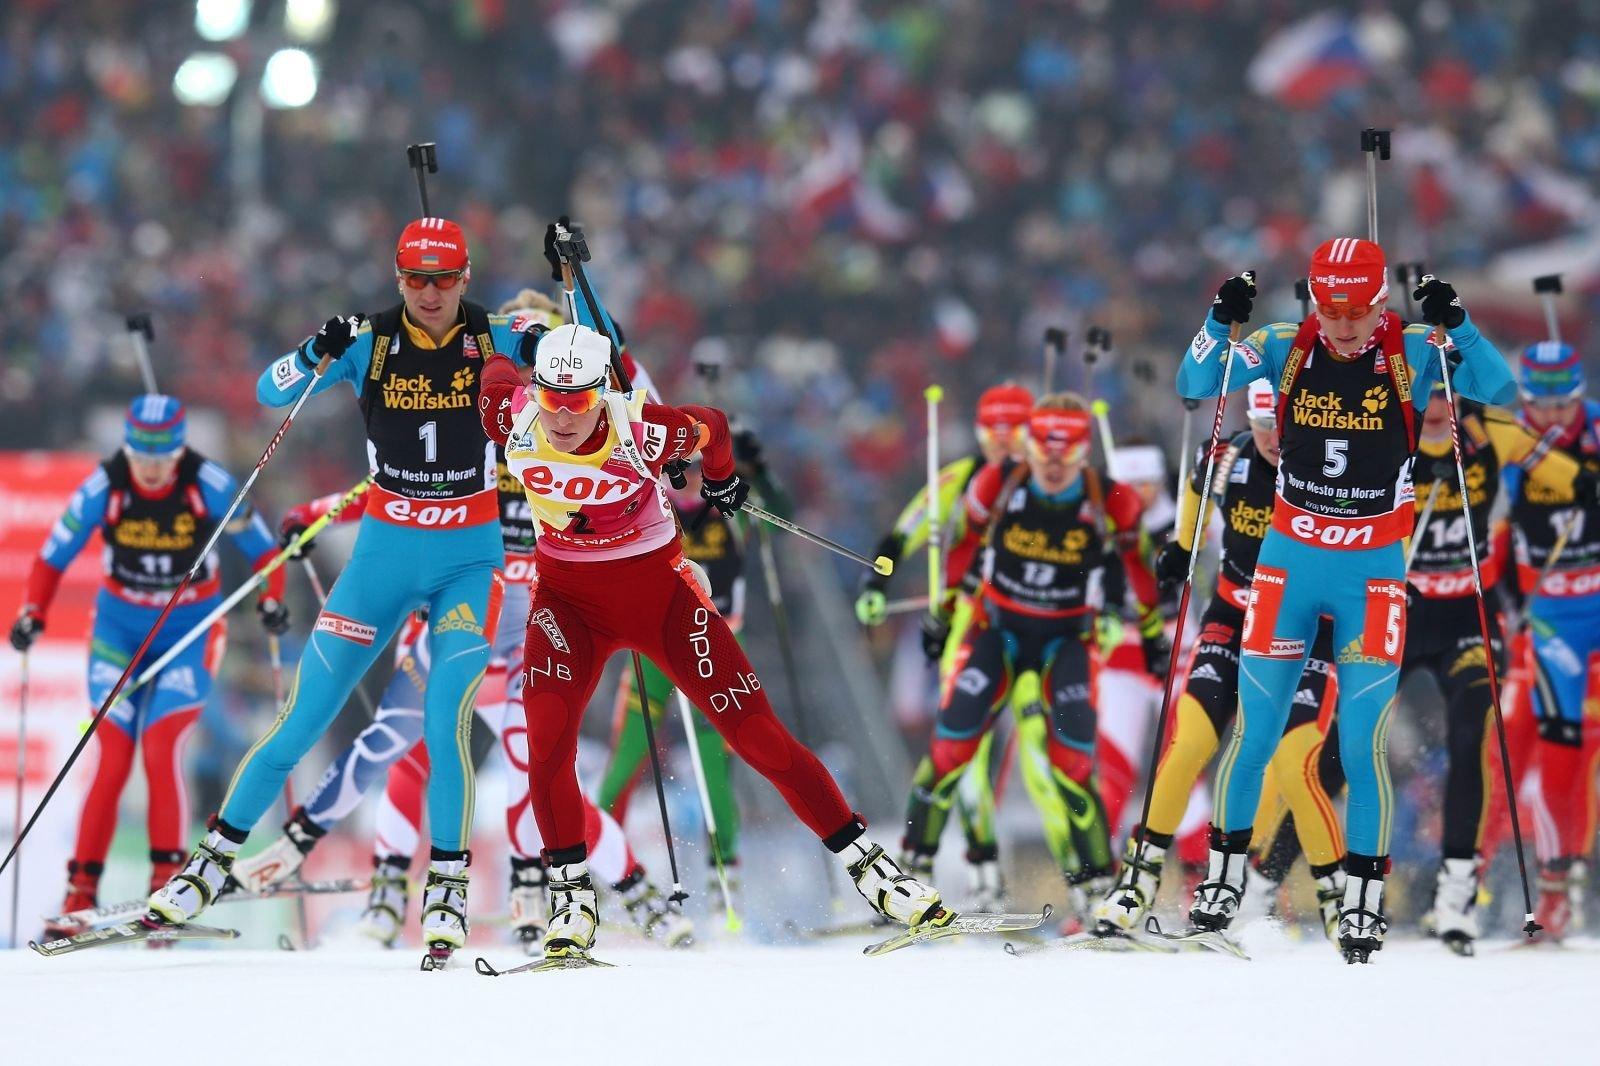 Почему у российских биатлонистов нет перспективы в новом сезоне